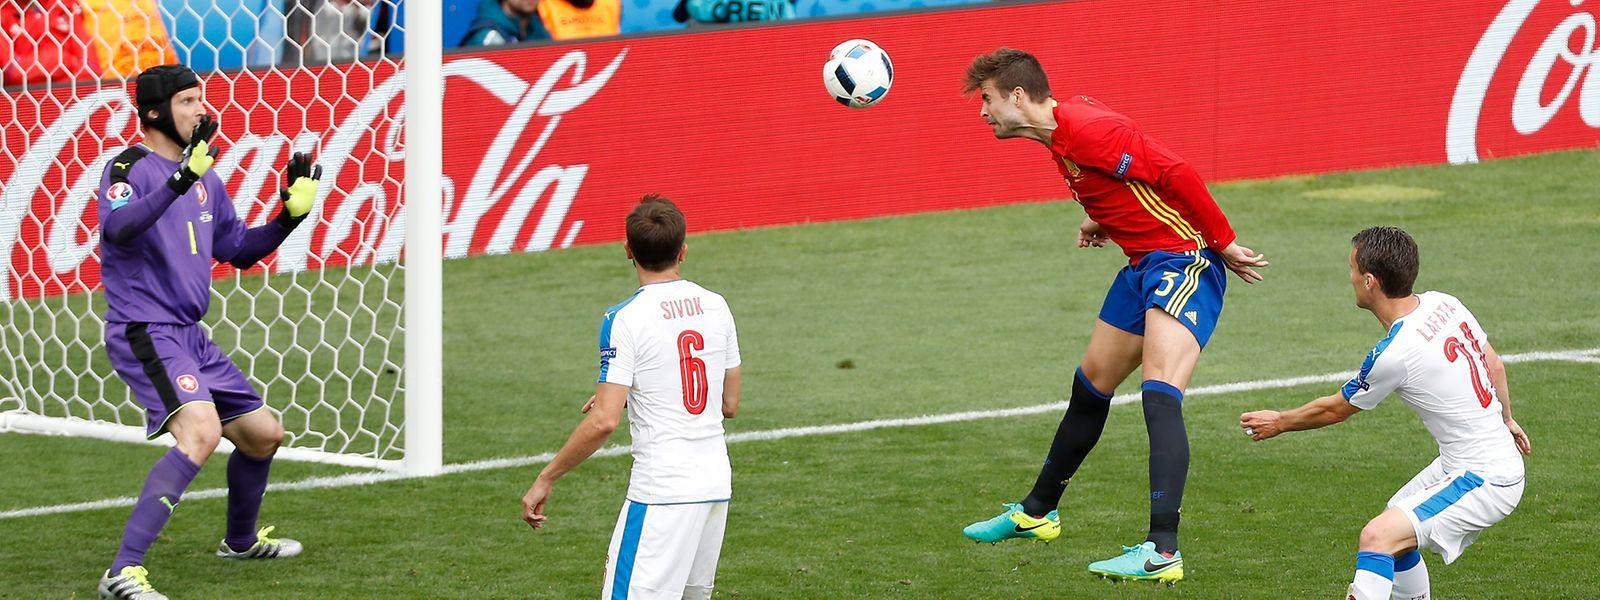 Passgenau in die Ecke: Piqué trifft für Spanien.